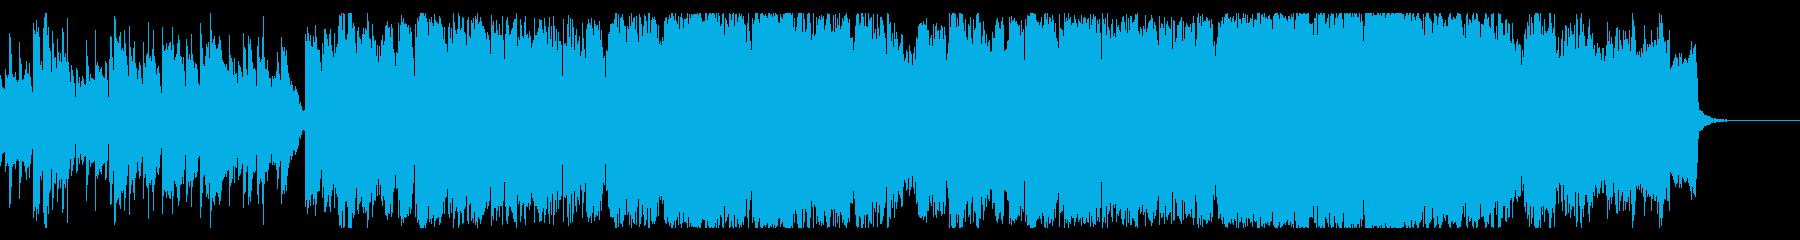 ドラマチックな和風オーケストラBGMの再生済みの波形